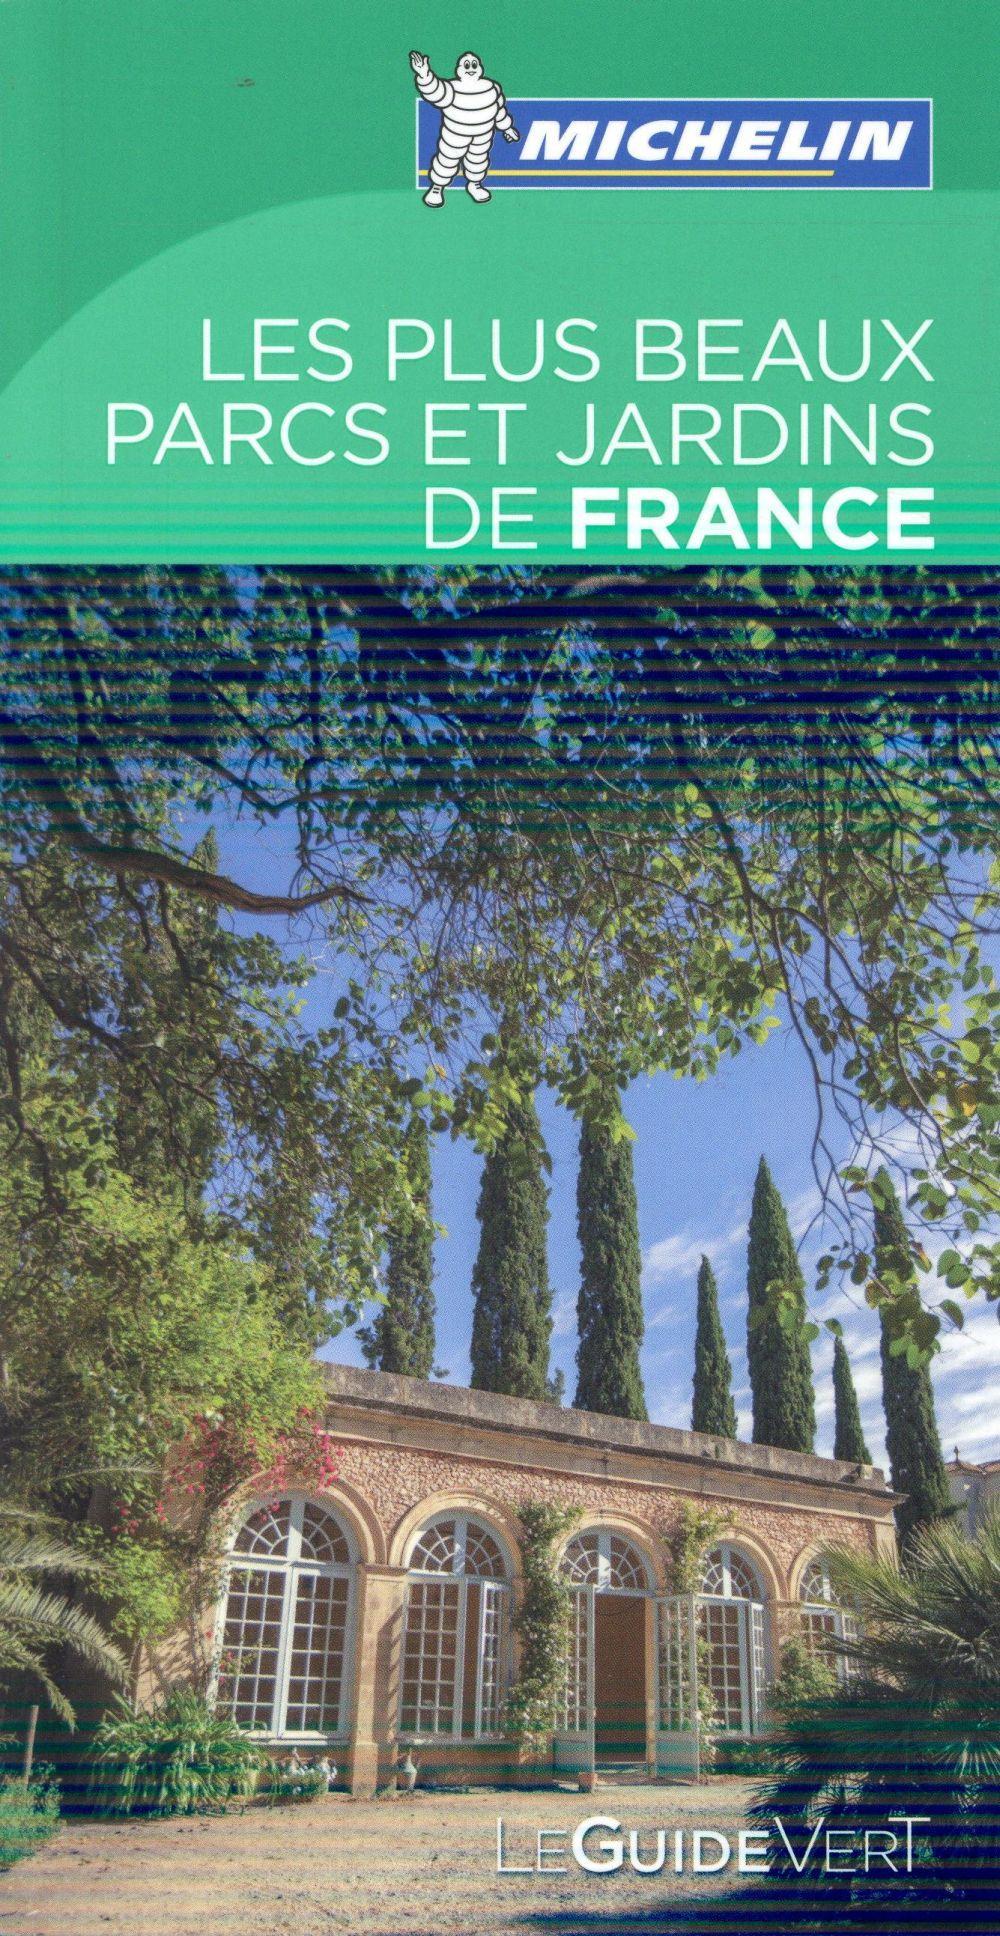 Le guide vert les plus beaux parc et jardins de france collectif michelin - Les plus beaux jardins de france ...